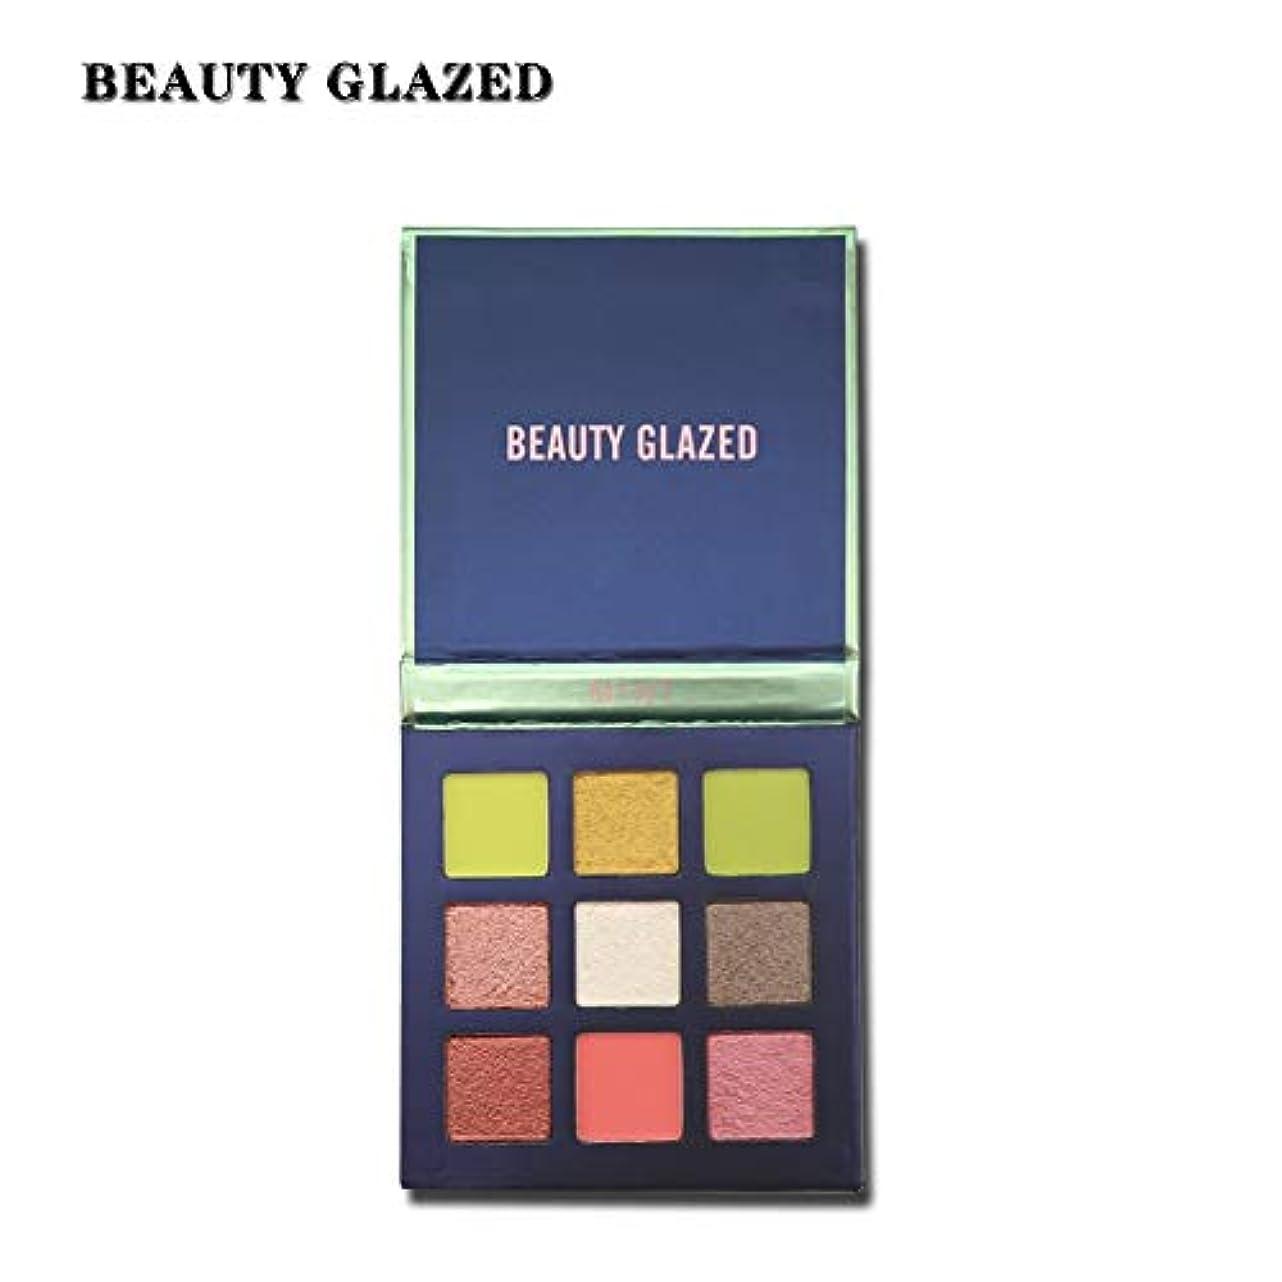 バングラデシュによると祝福するBeauty Glazed 9色マットシマーウルトラピグメントメイクアップアイシャドウプレスキラキラパウダー長続きがする防水天然スモーキー化粧品アイメイクアップ # 06